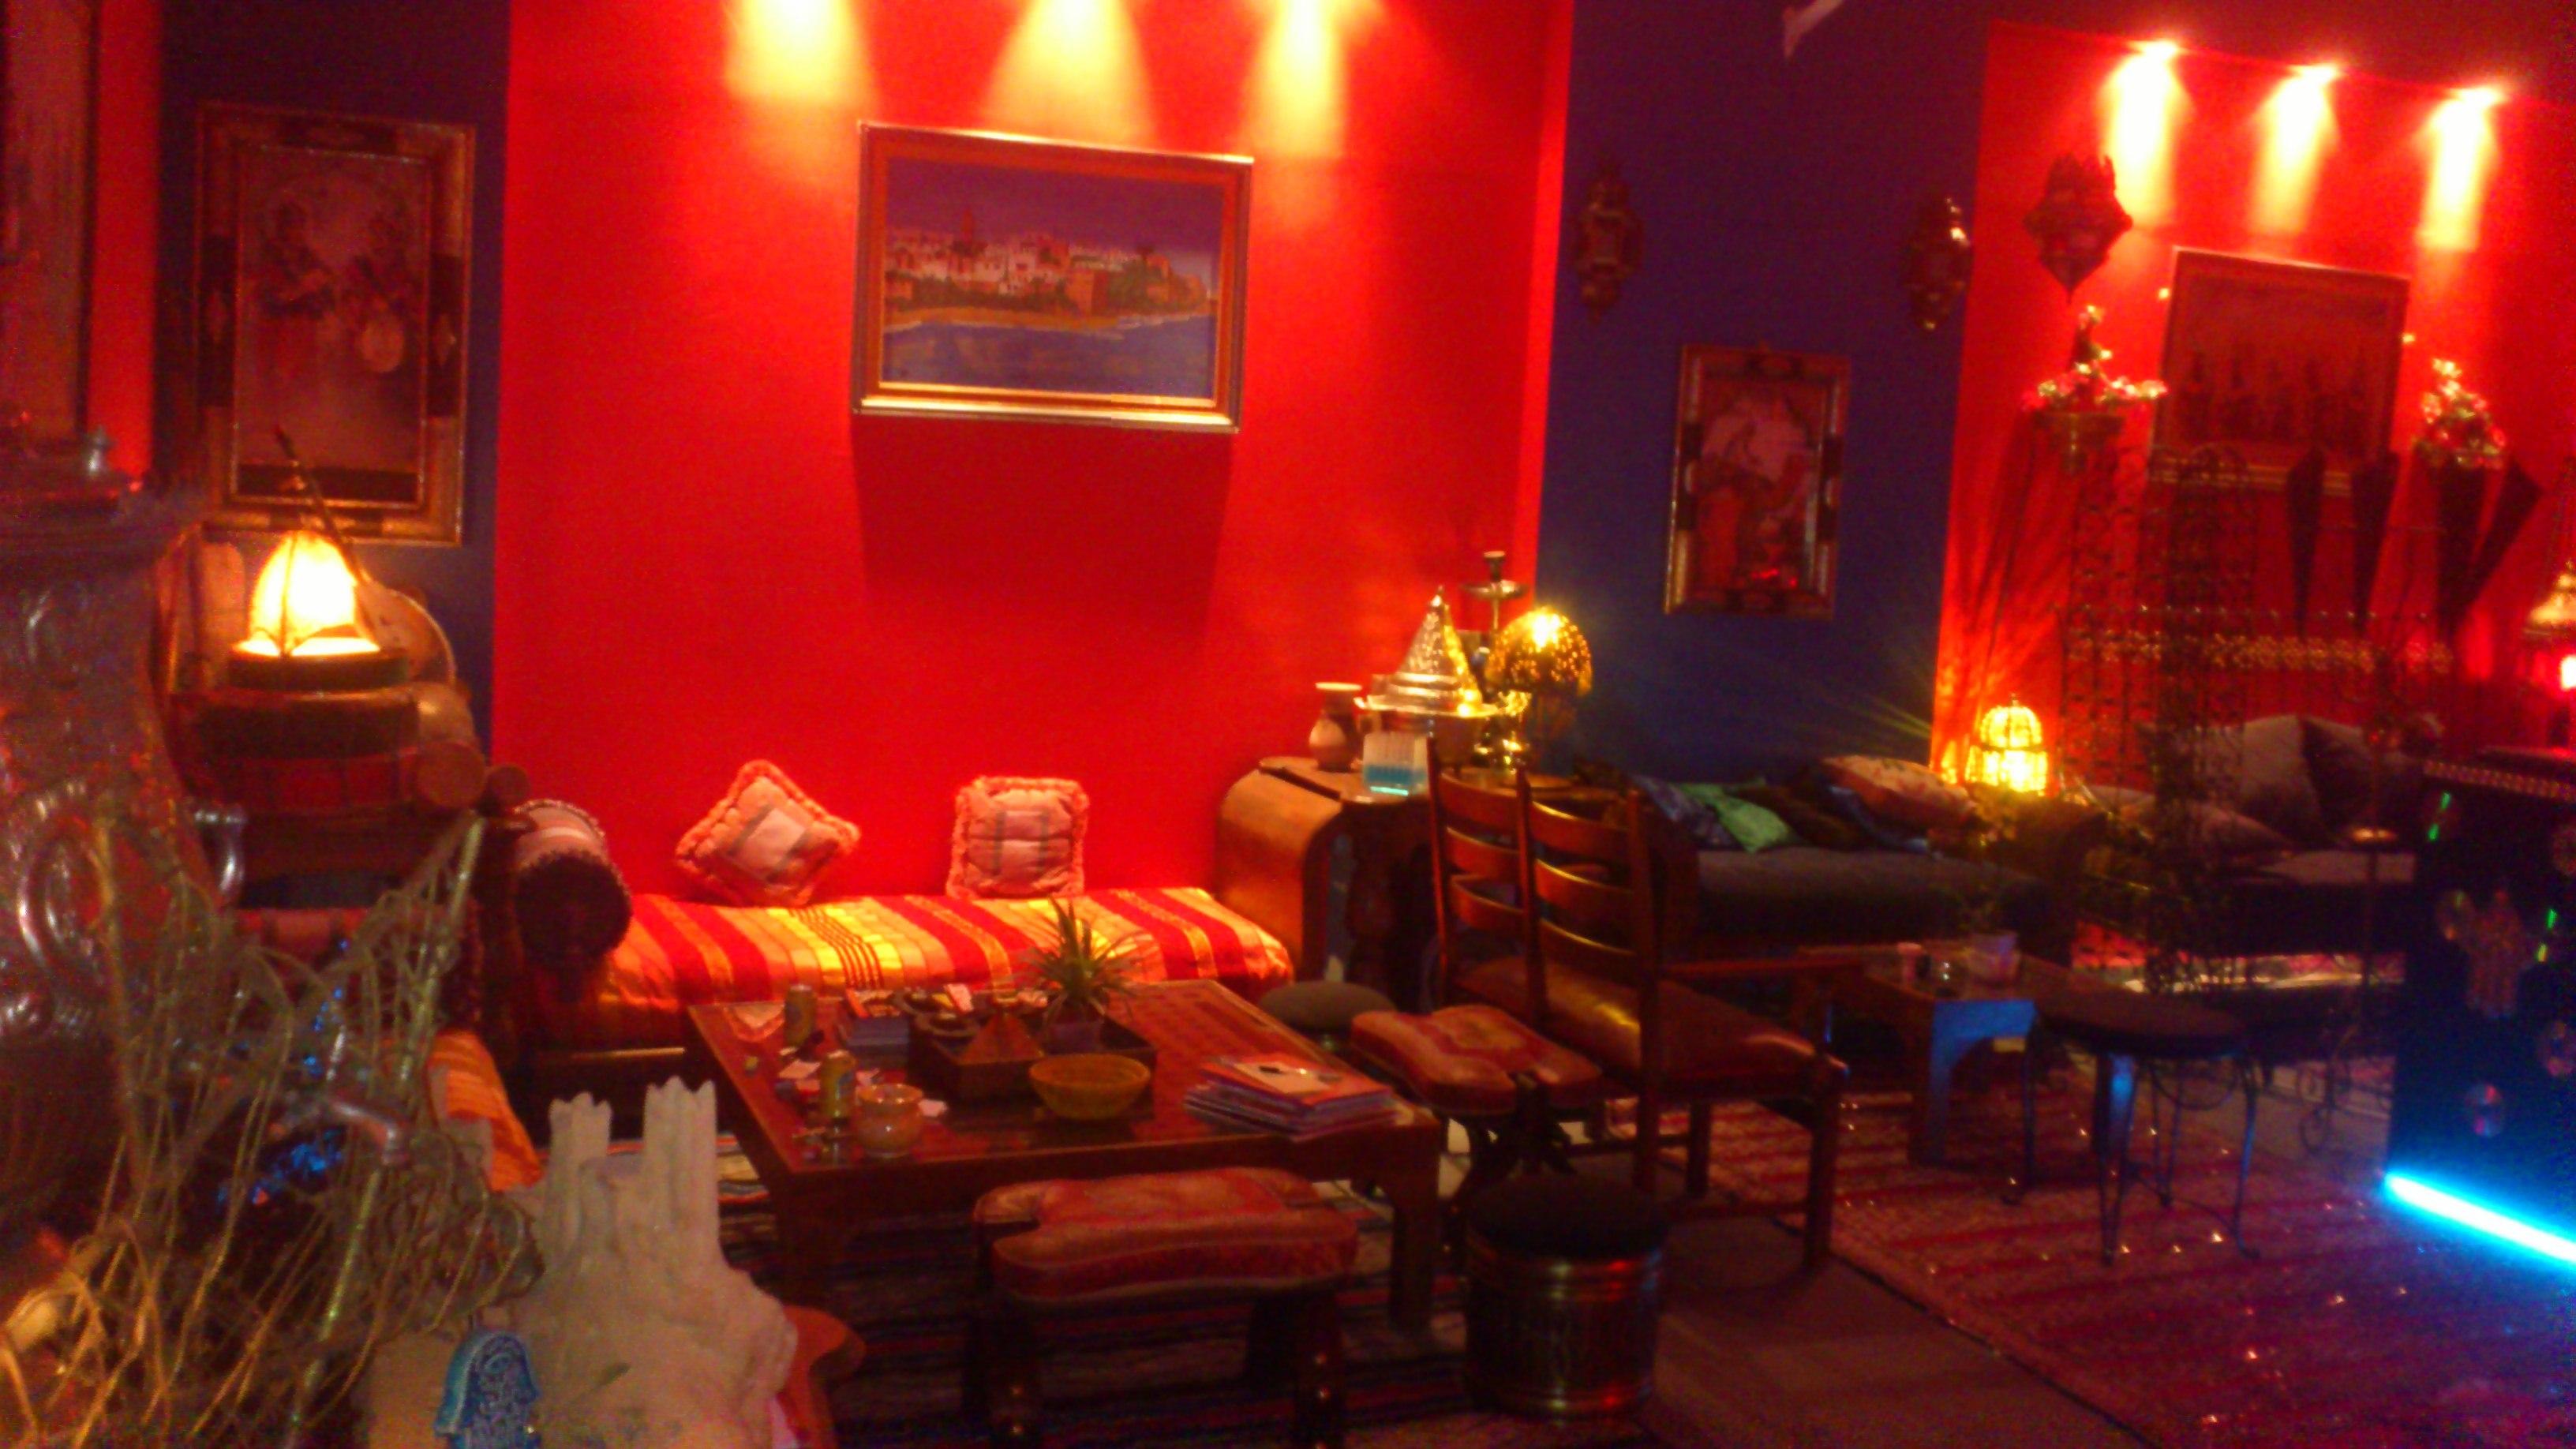 Location salle atypique style loft marocain le pr saint gervais 93310 - Loft a louer pour soiree ...